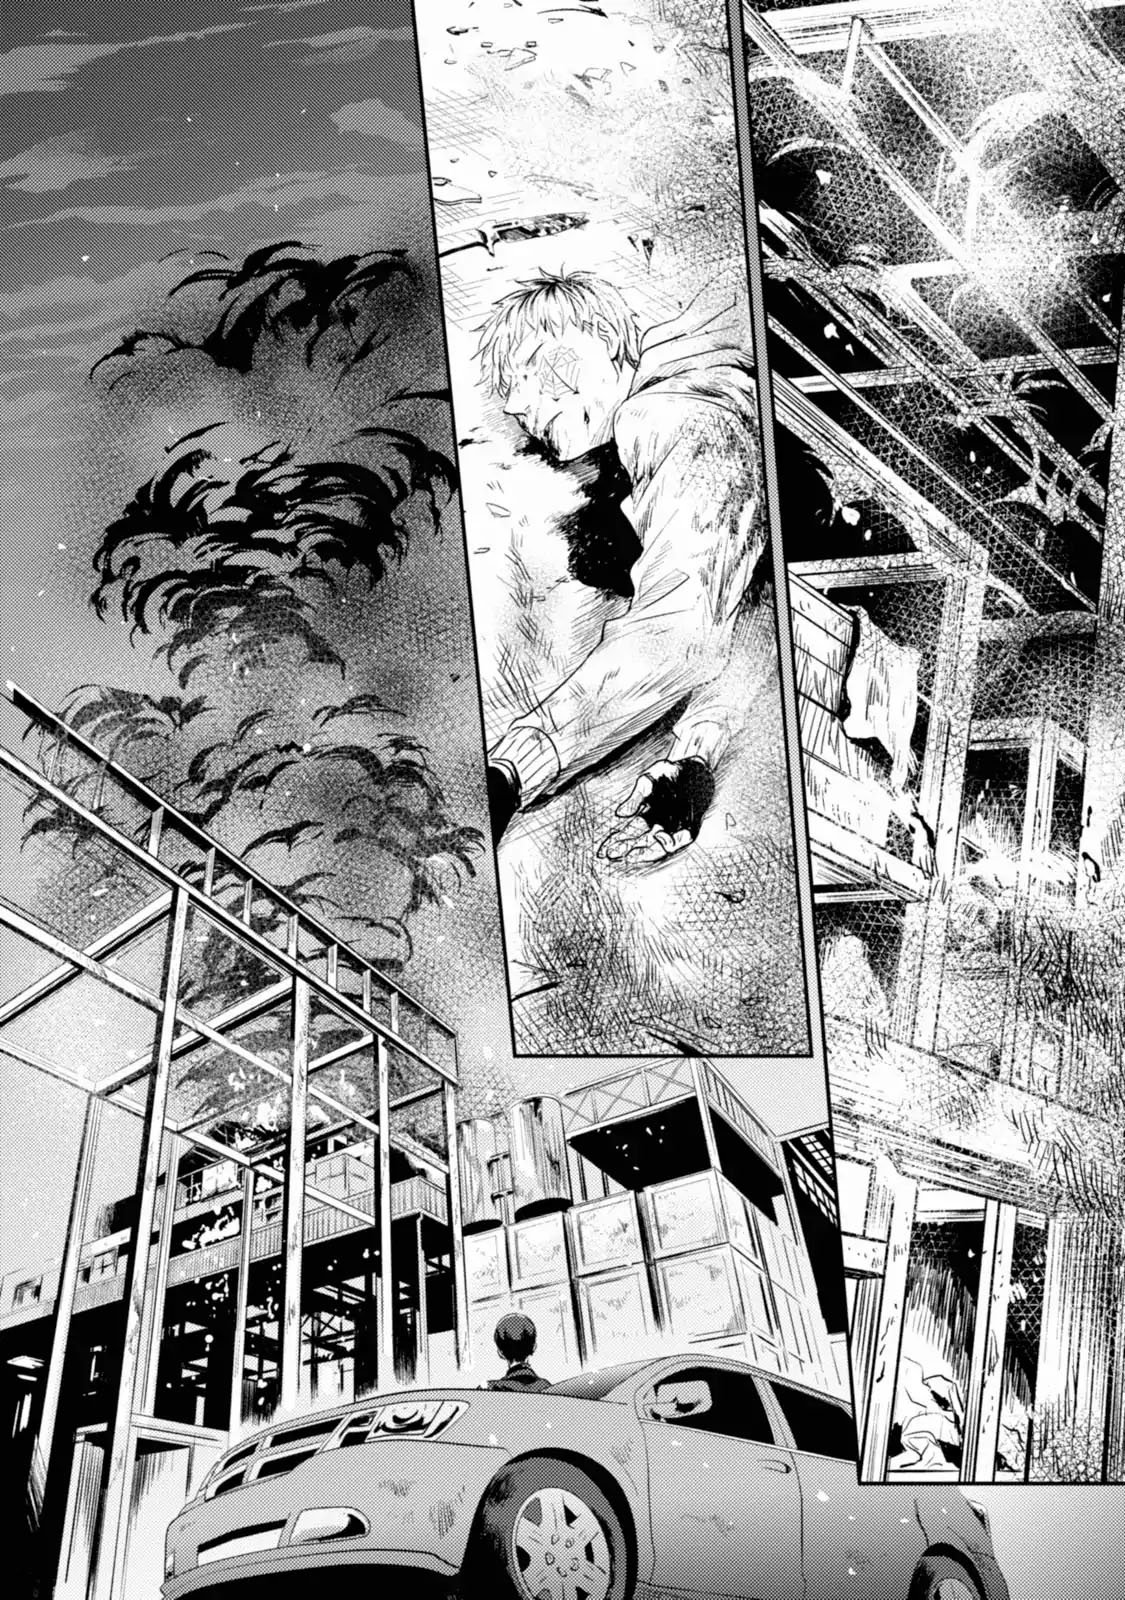 https://c9.mangatag.com/es_manga/pic5/14/21518/730317/3b0cc7bcc871da67259a21b278670614.jpg Page 18